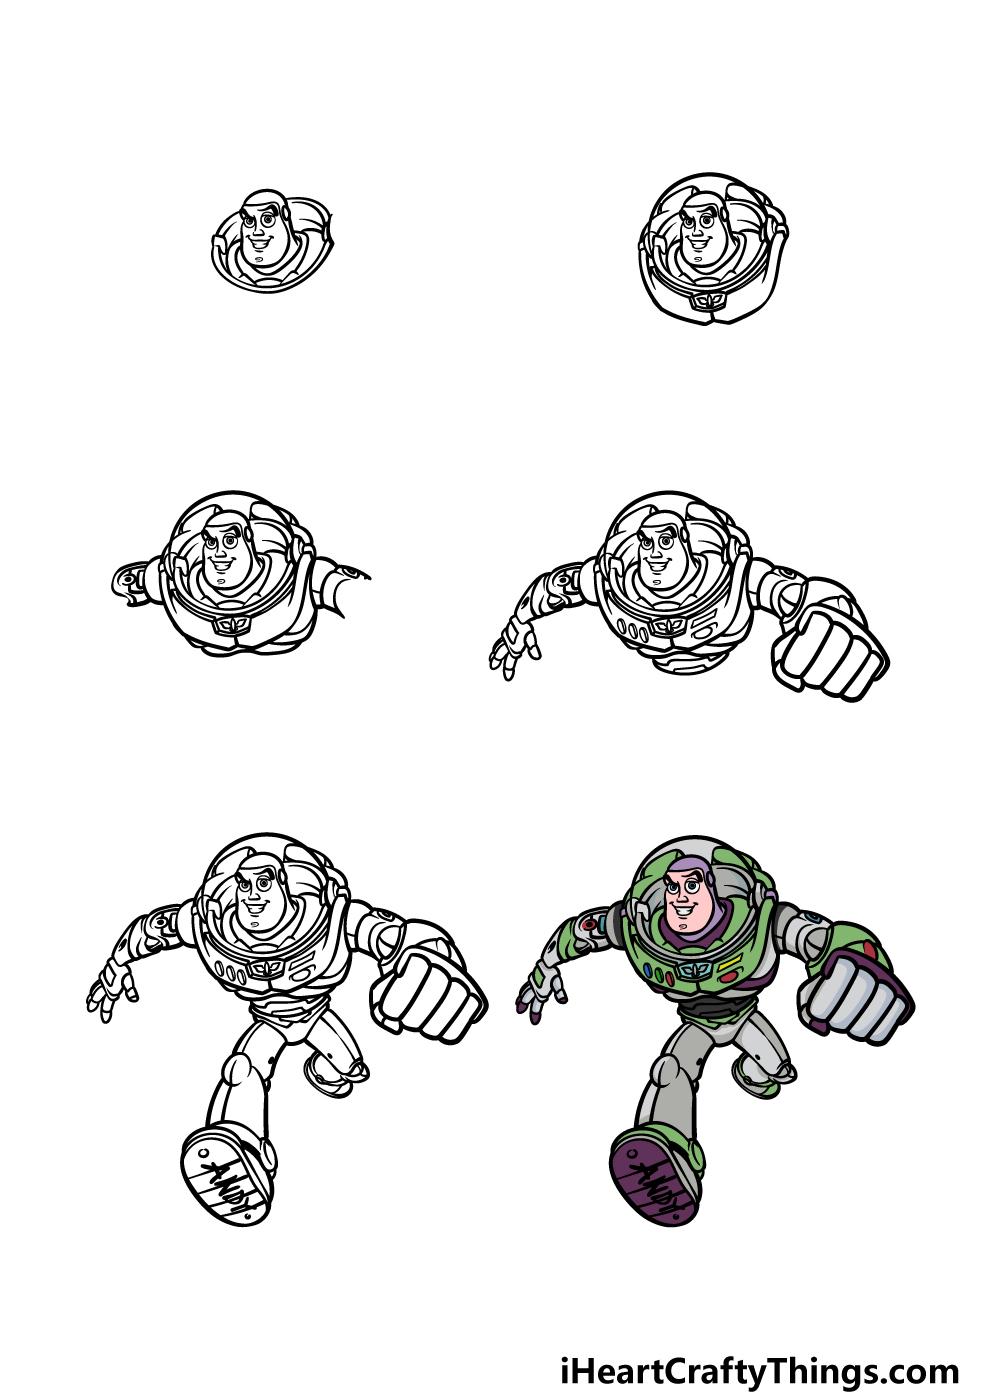 how to draw Buzz Lightyear in 6 steps